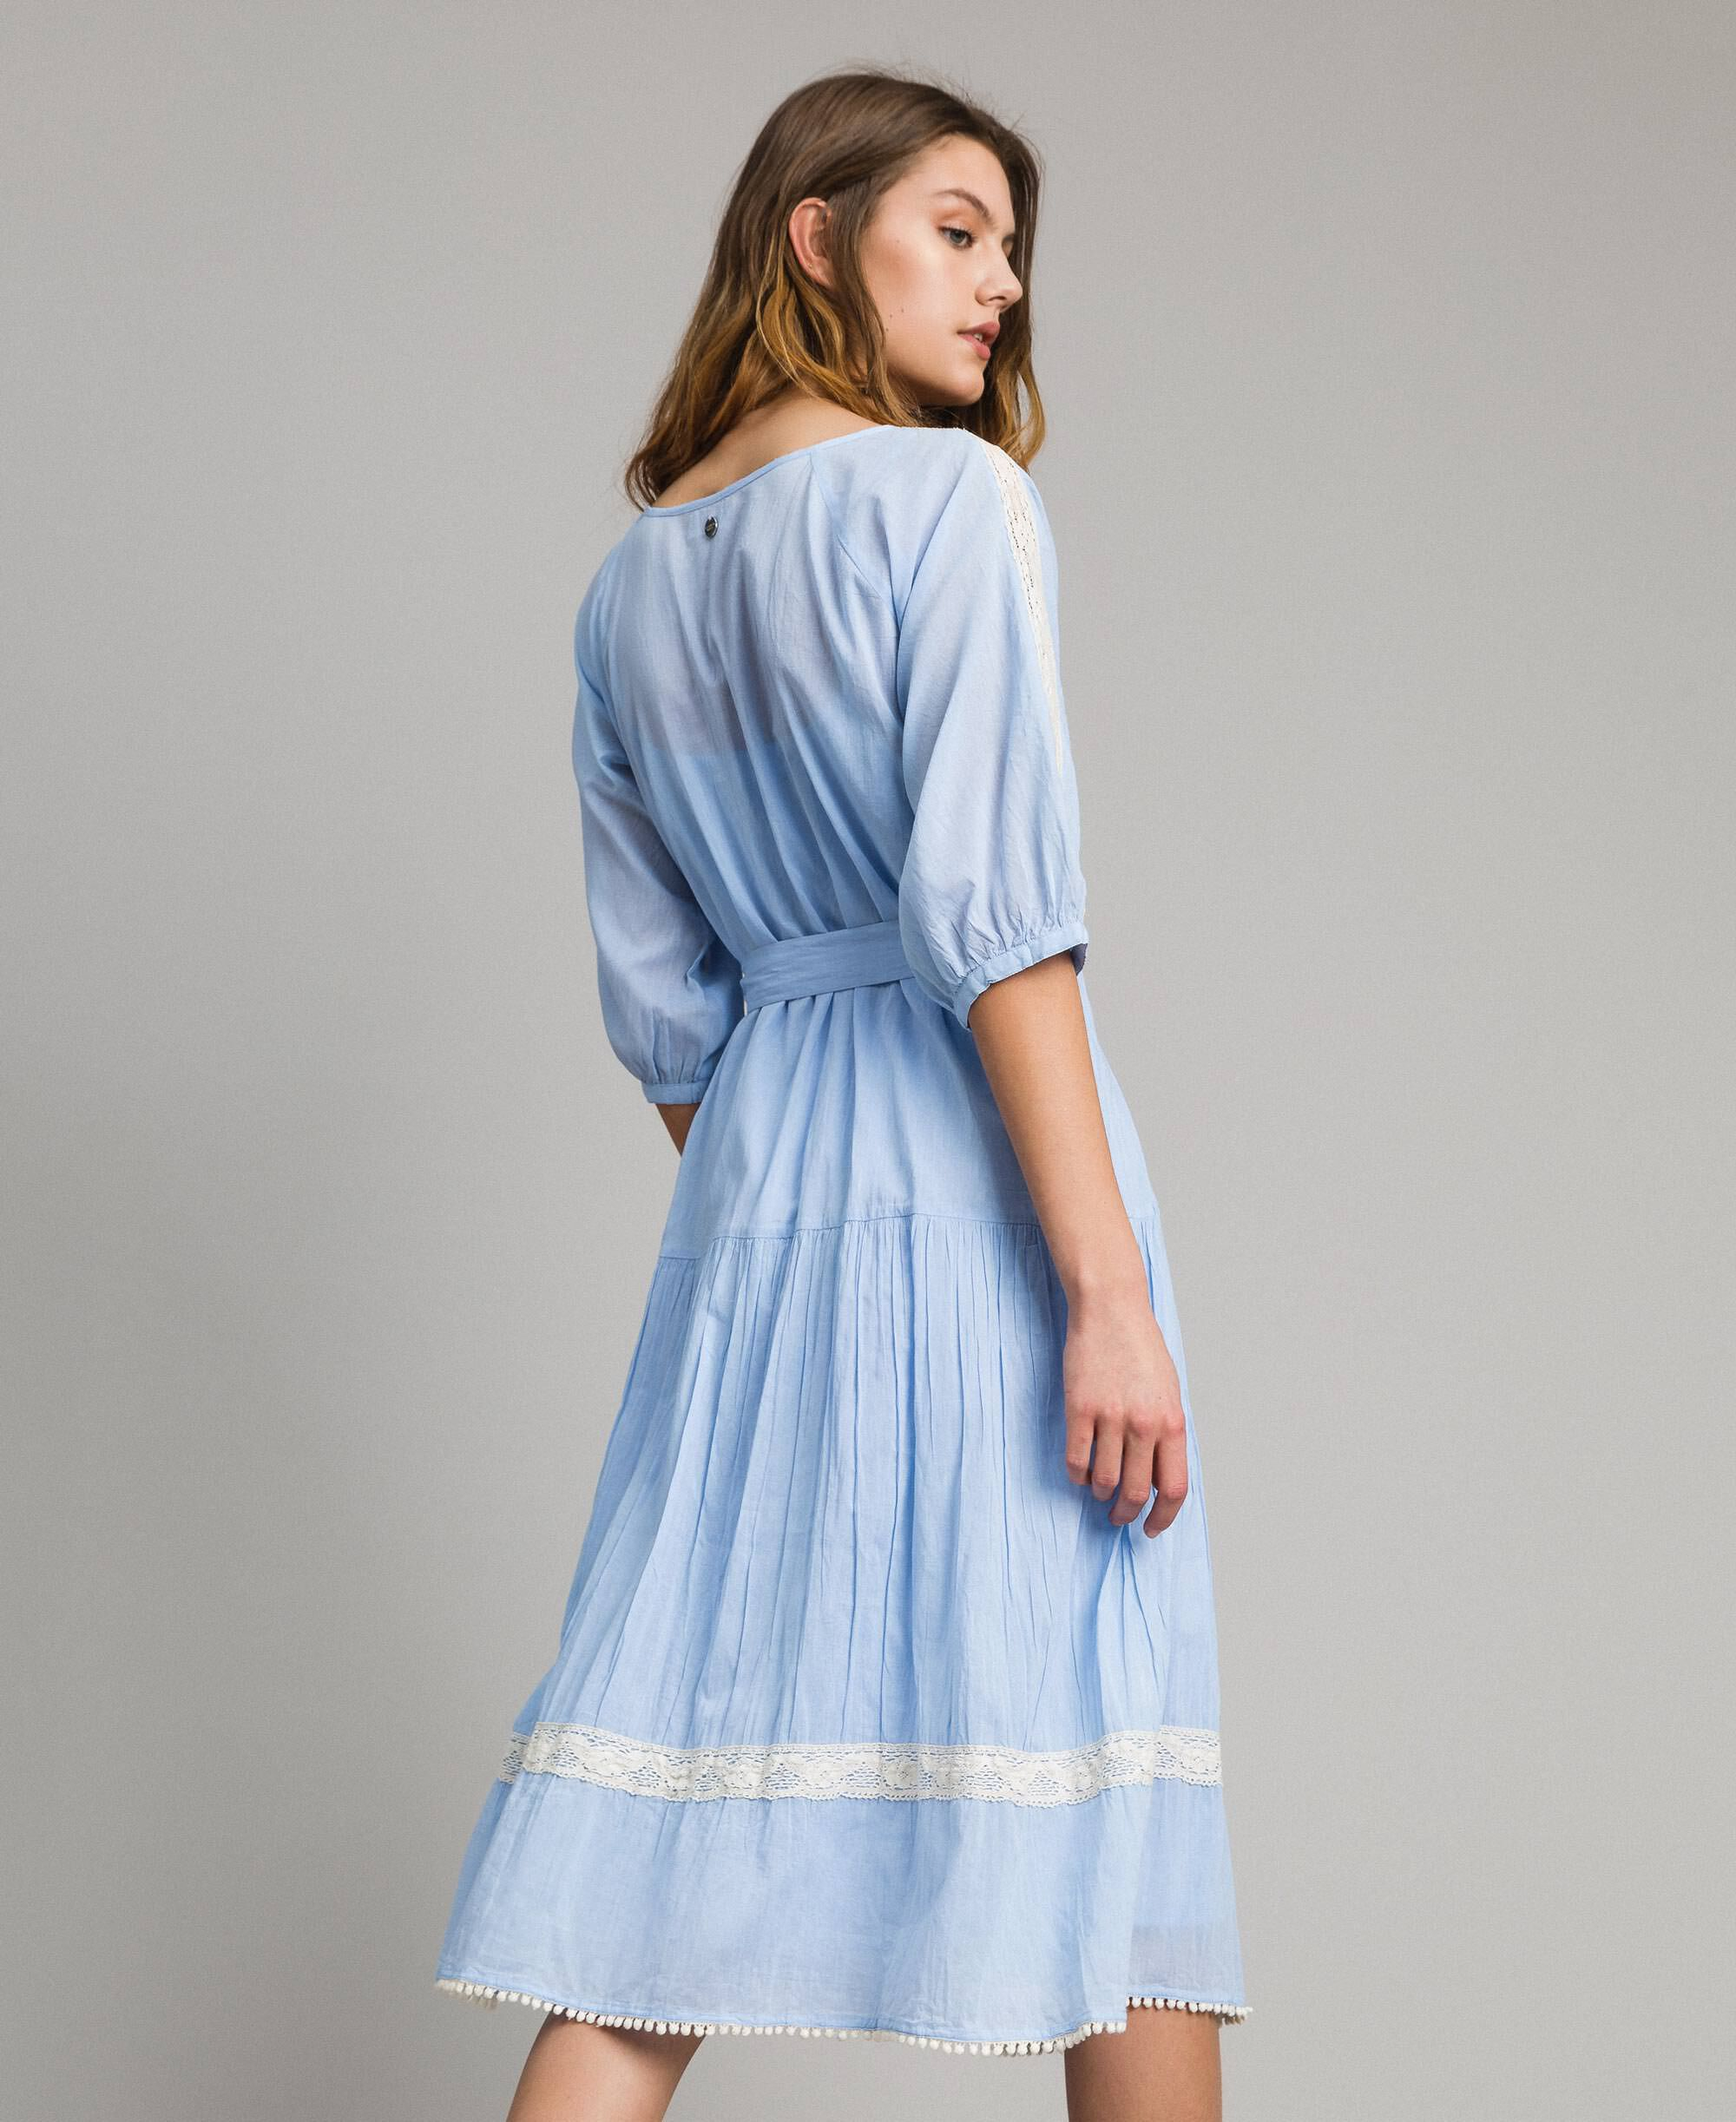 красивые платья из тончайшего муслина фотографии правилам этикета